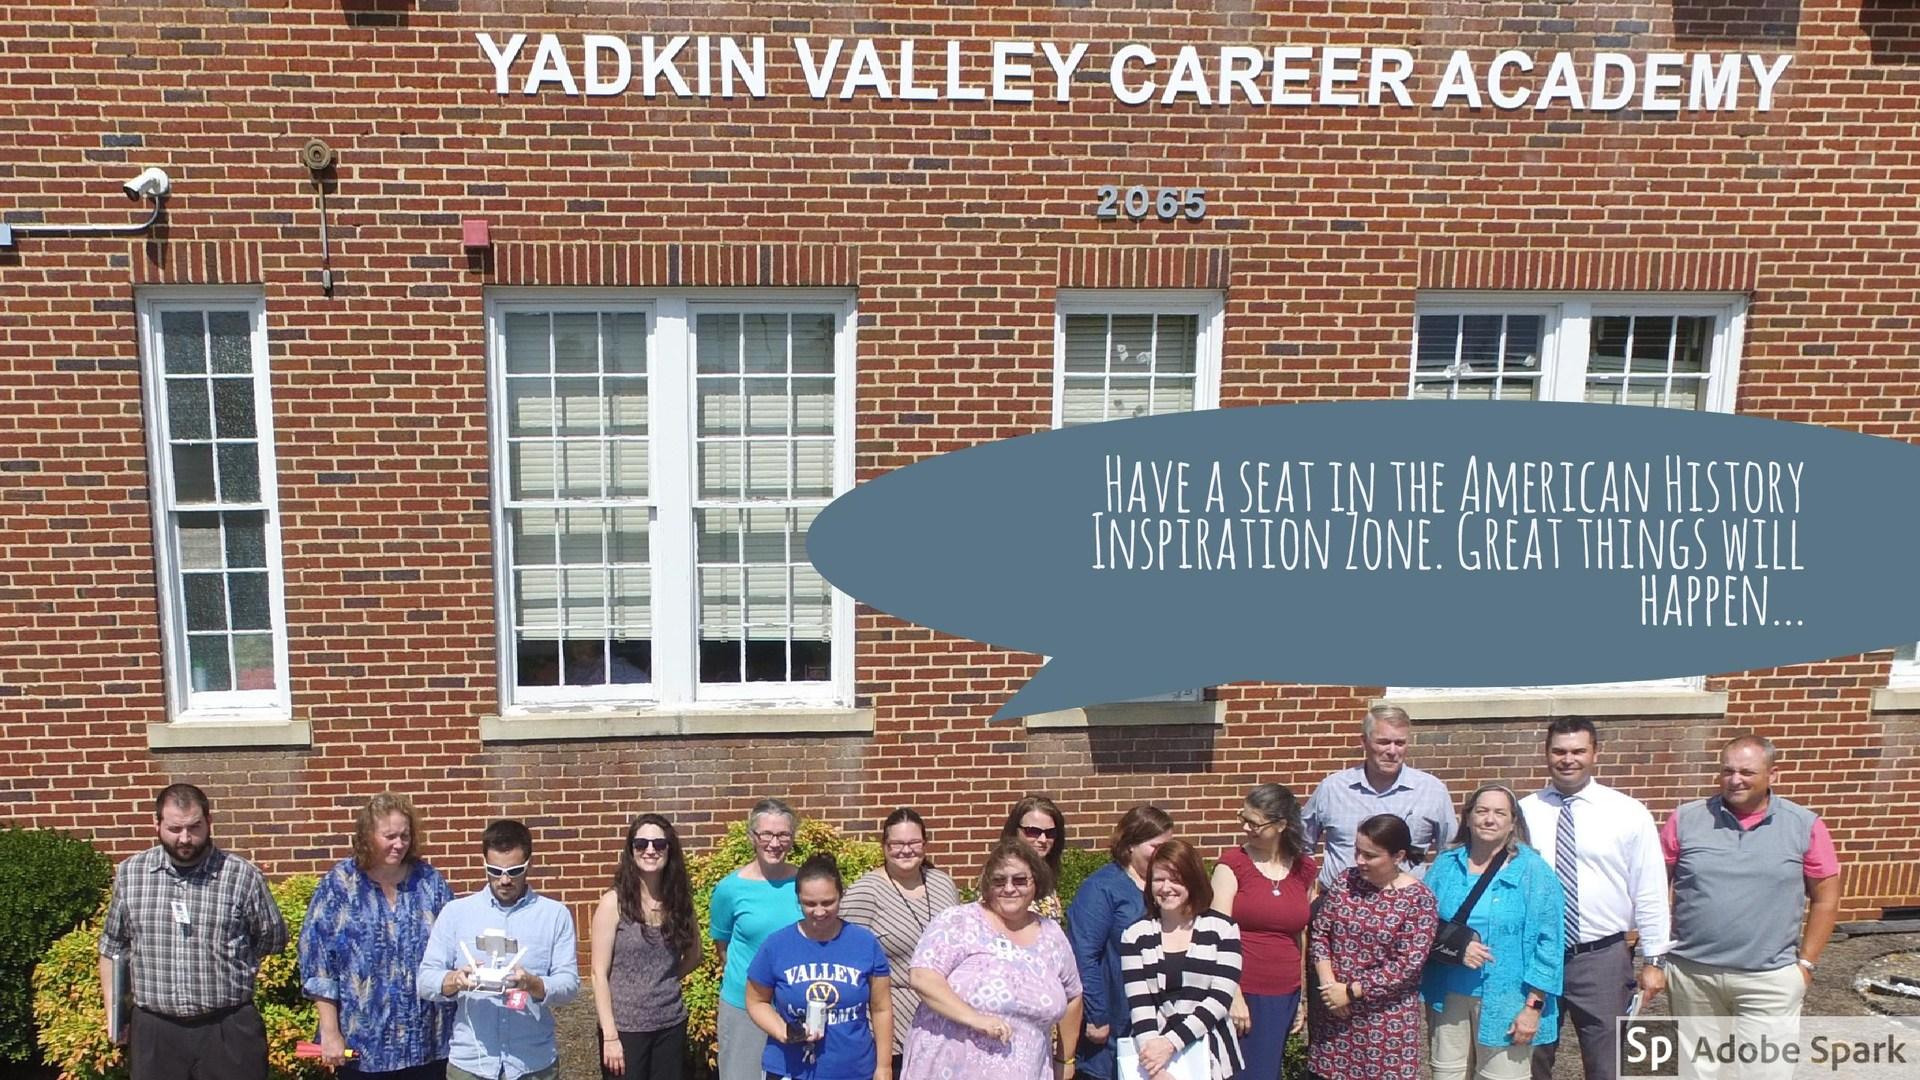 Valley Staff